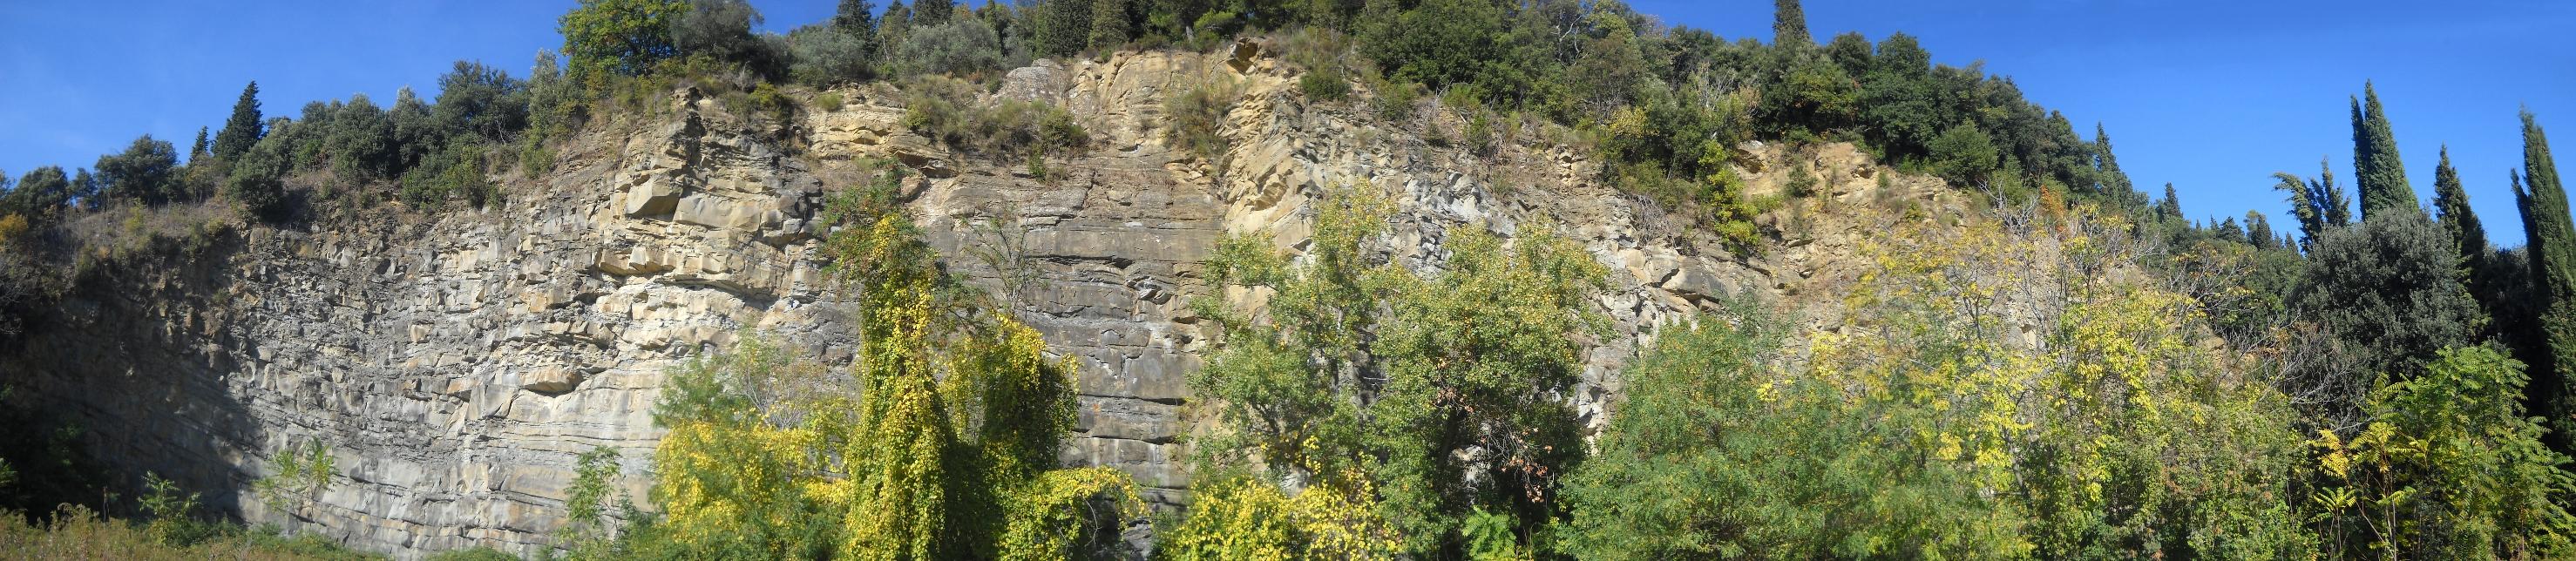 Cava grande di Maiano (di Giuliana Profeti)